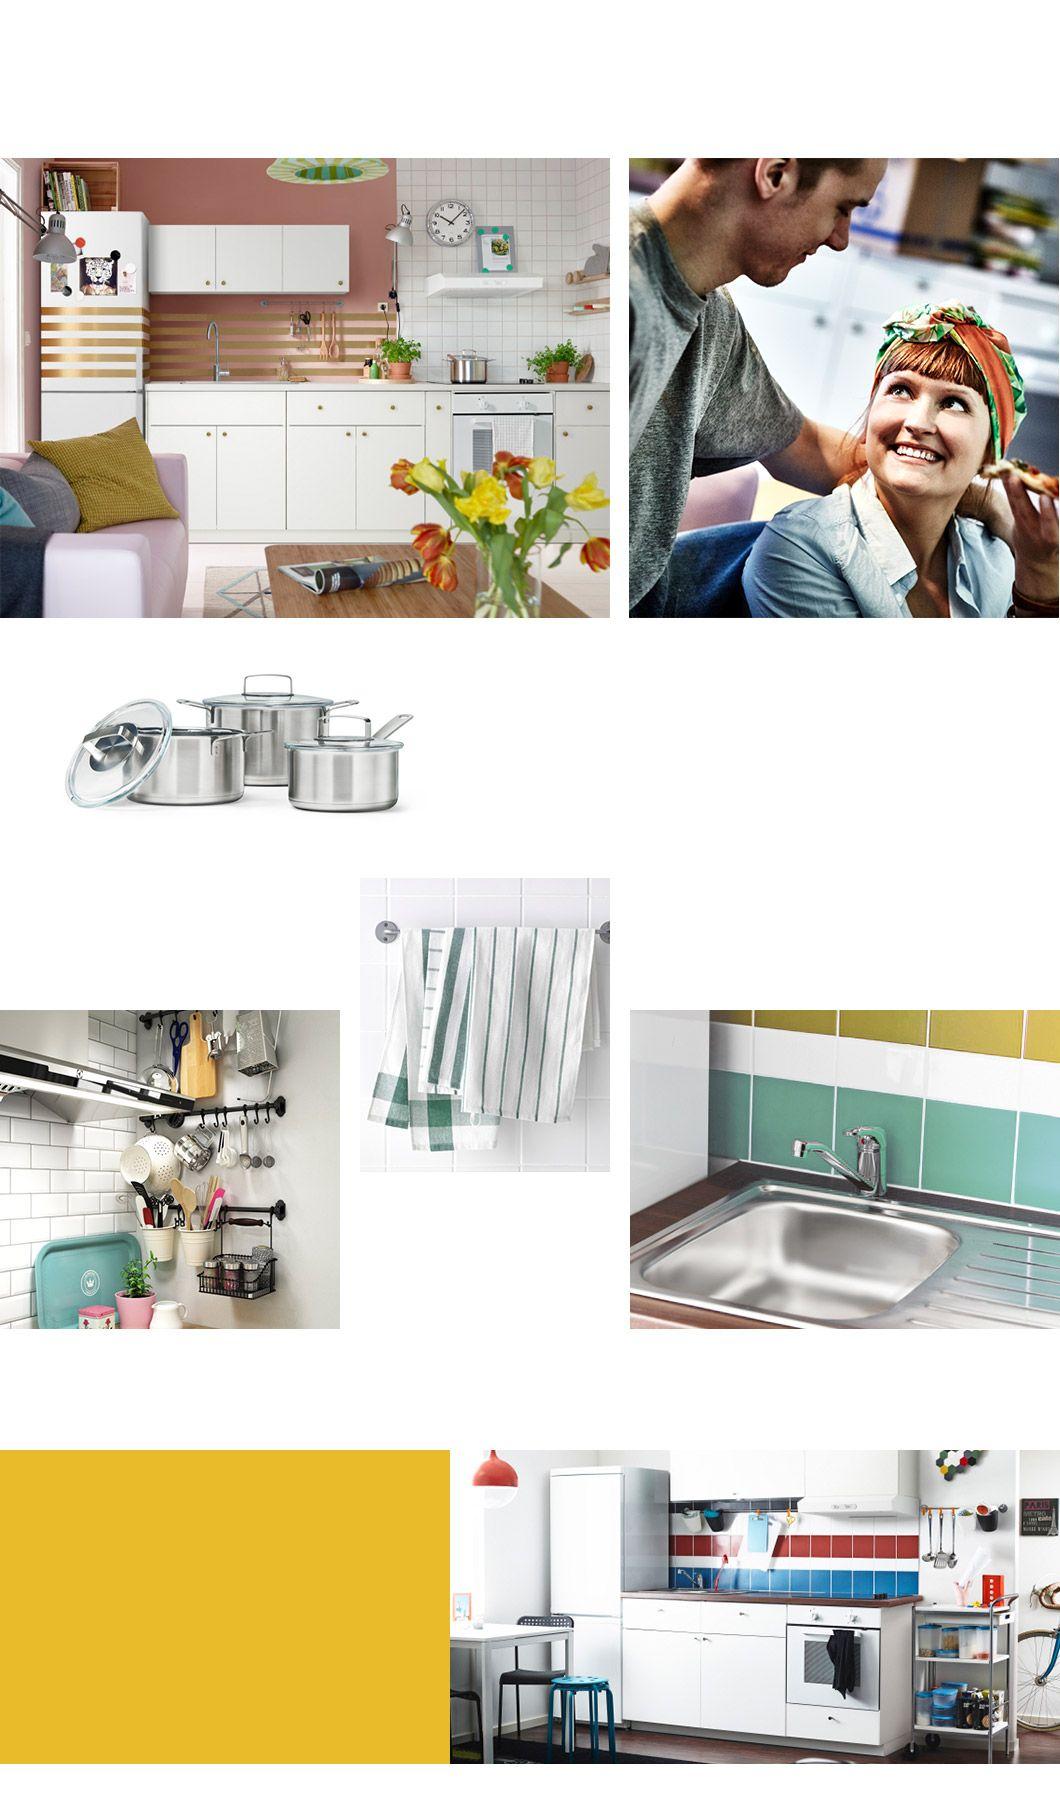 Küchenliebe küchenliebe ikea ikea küchen liebe